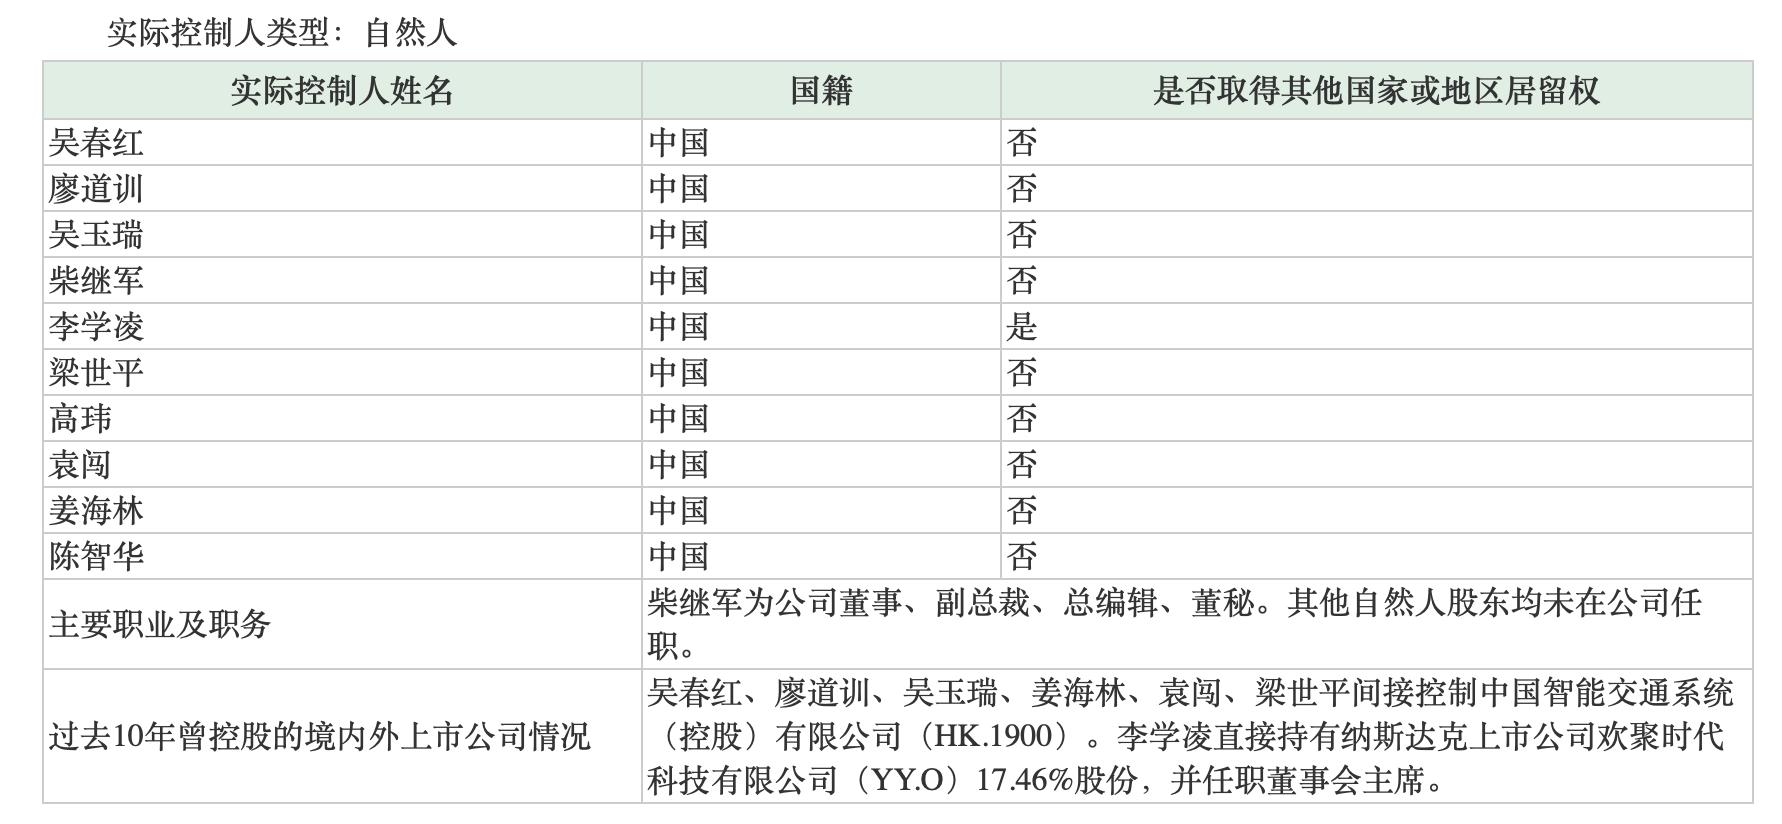 视觉中国百亿市值限售股即将解禁:占总股本55